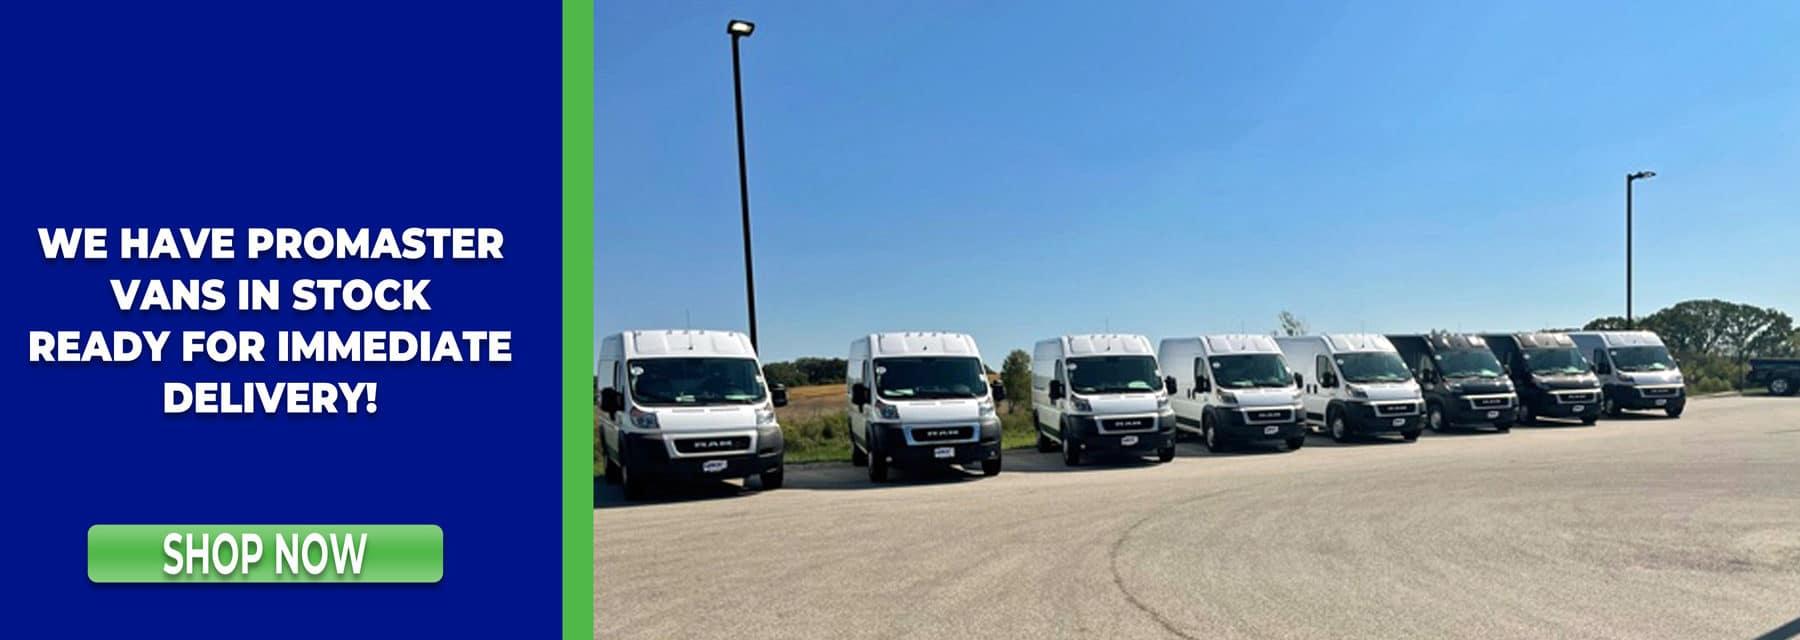 ProMaster Vans in stock in Mukwonago Wisconsin